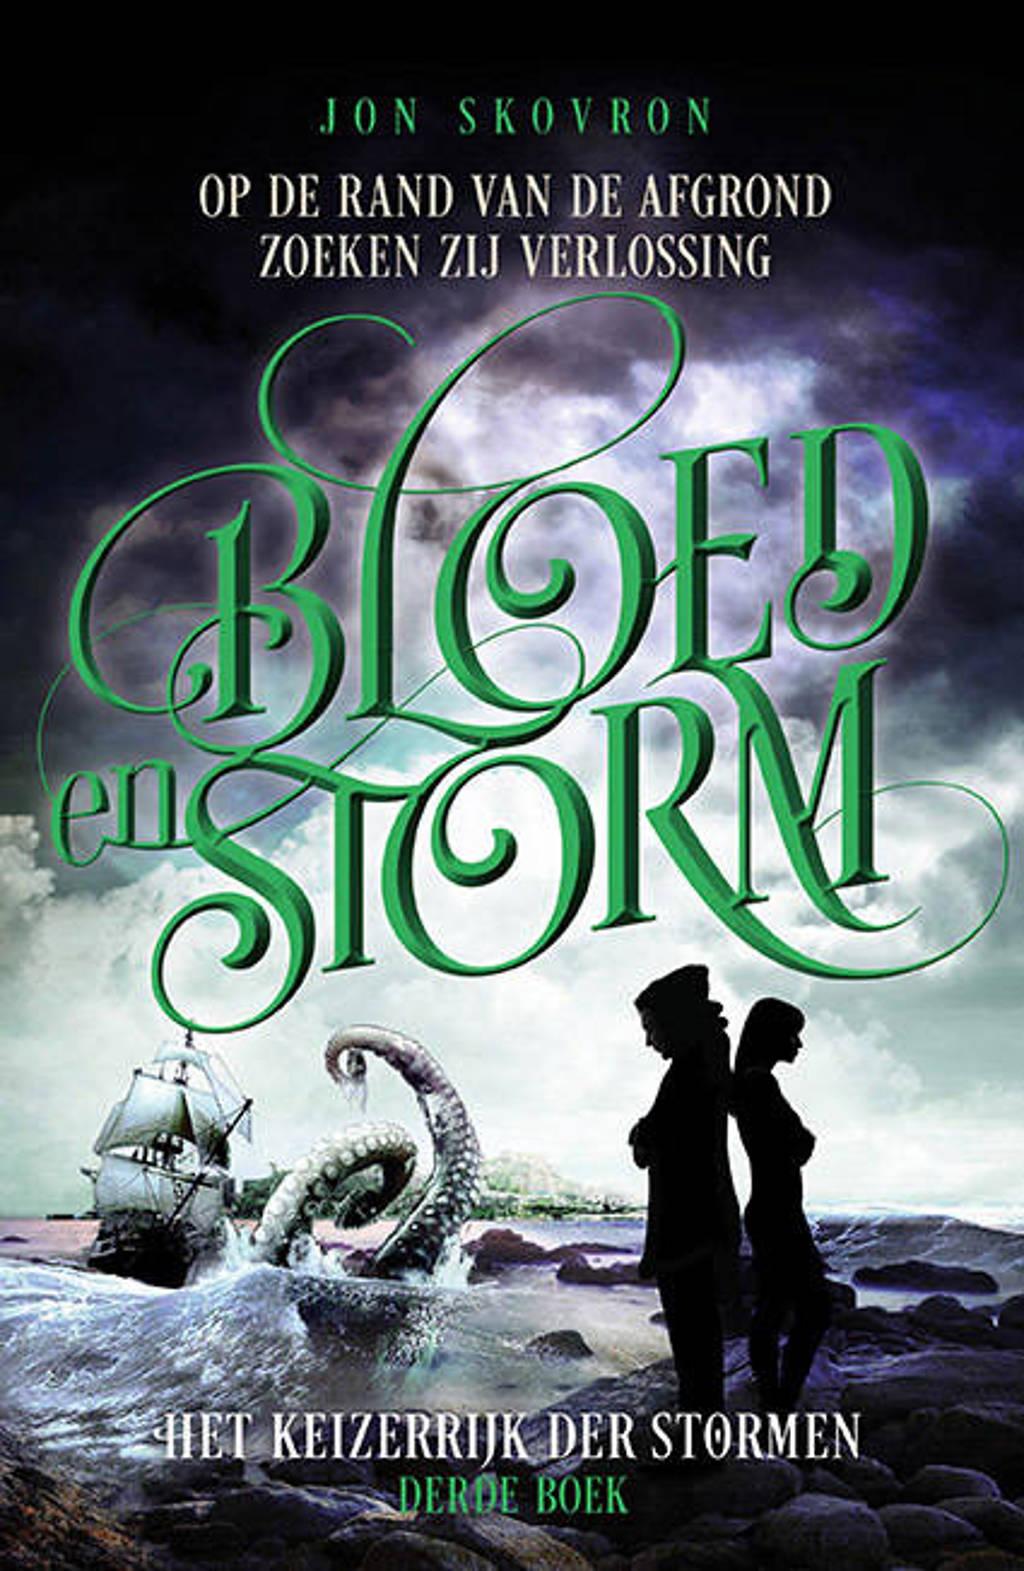 Het keizerrijk der stormen: Bloed en Storm - Jon Skovron